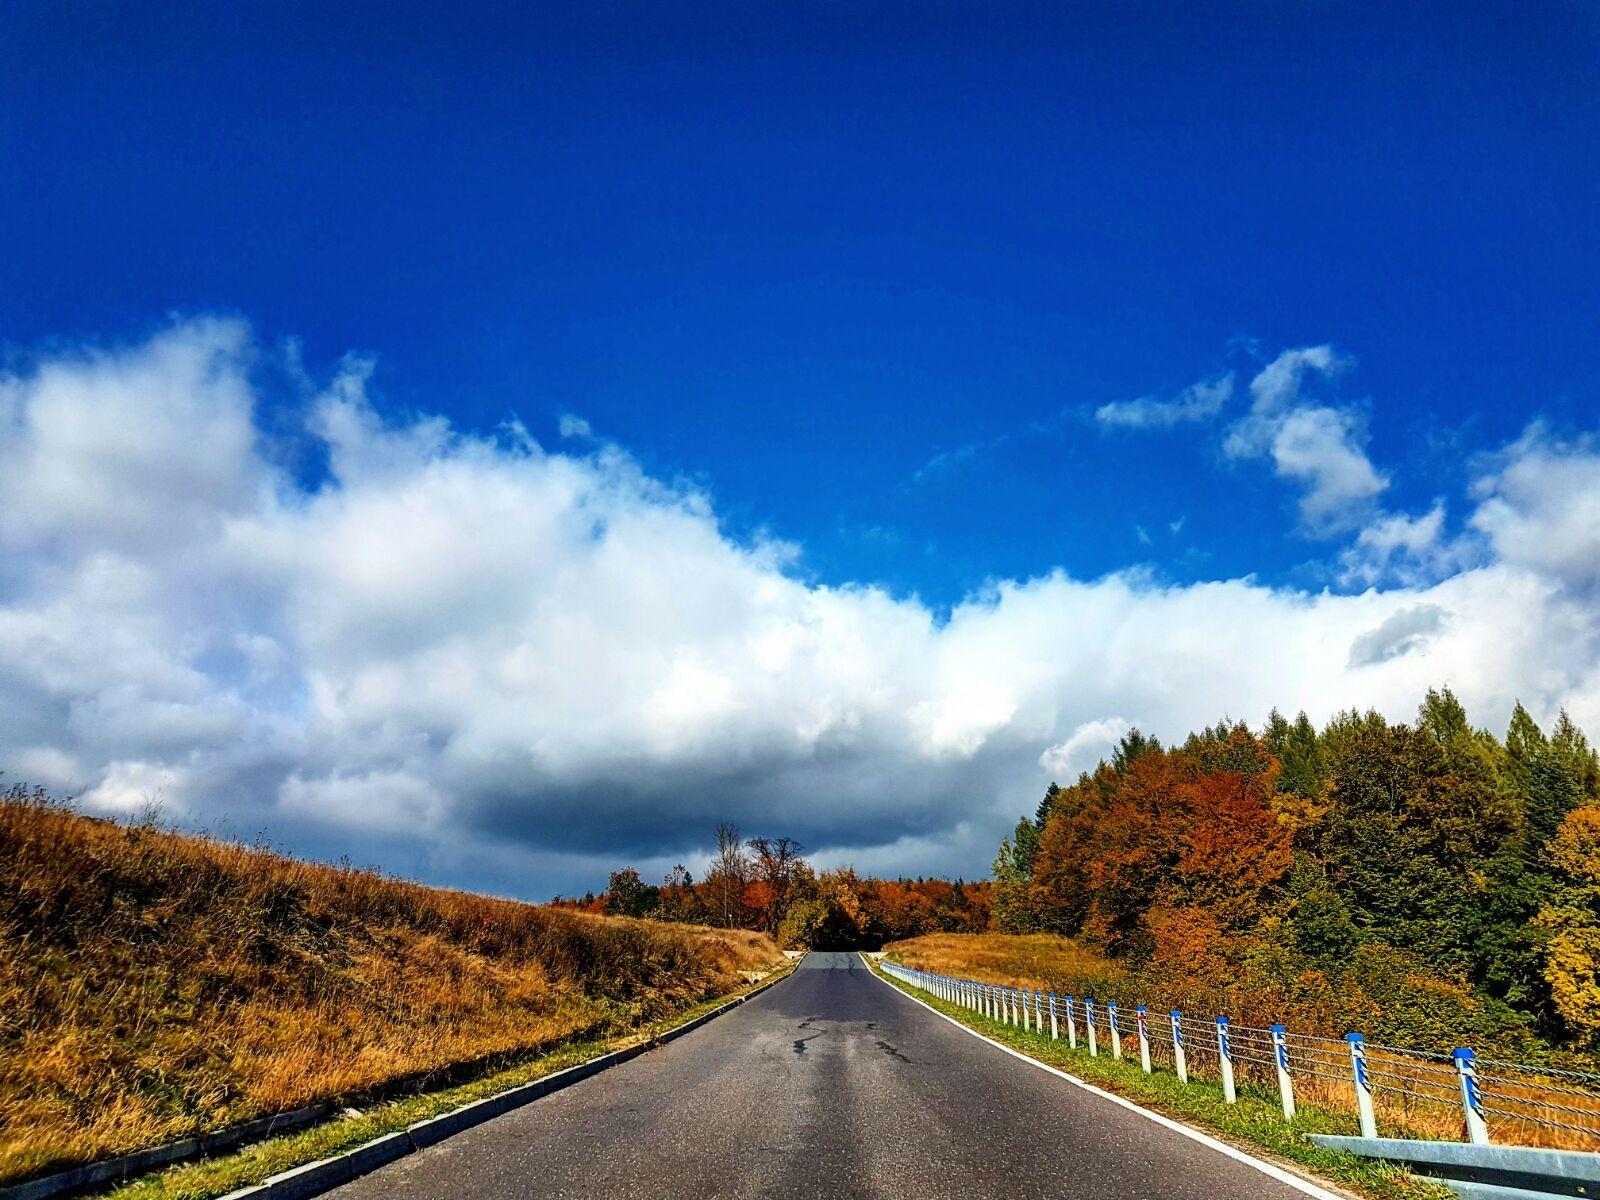 Jesień zaczyna pokazywać swoje kolory [FOTO]